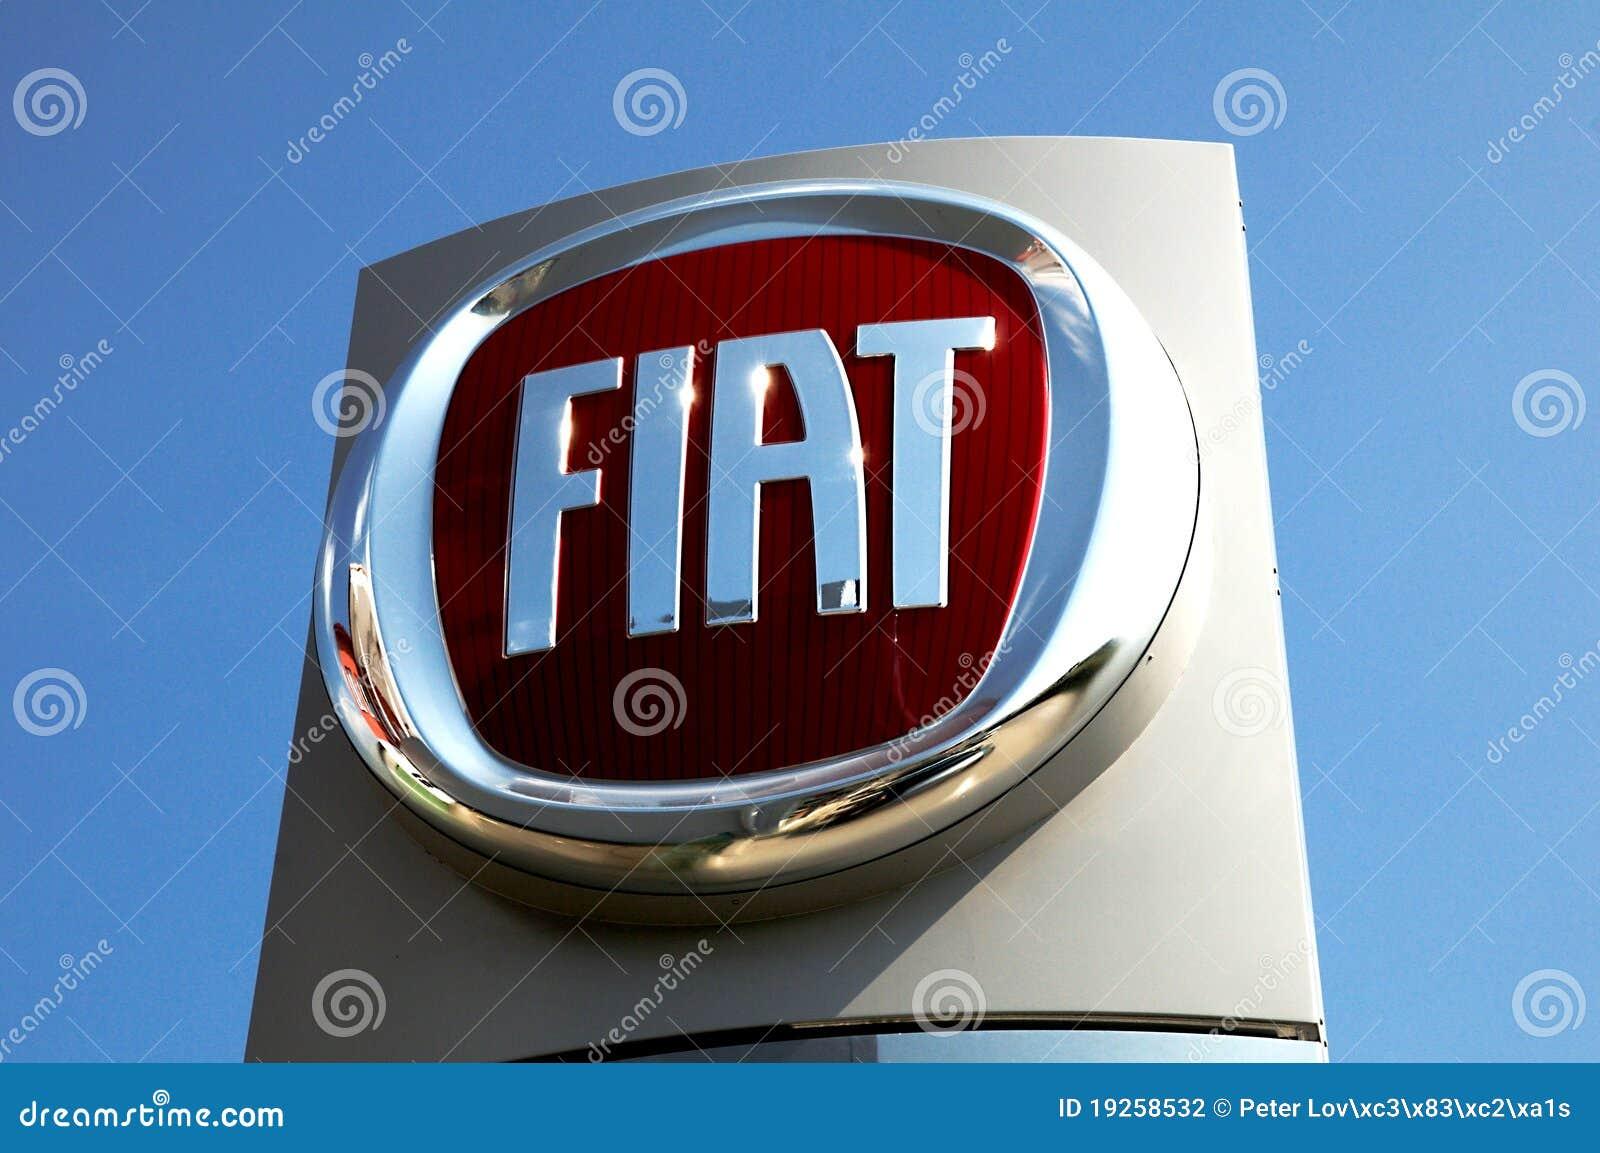 Fiat Logo Editorial Photography Image Of Company Italy 19258532